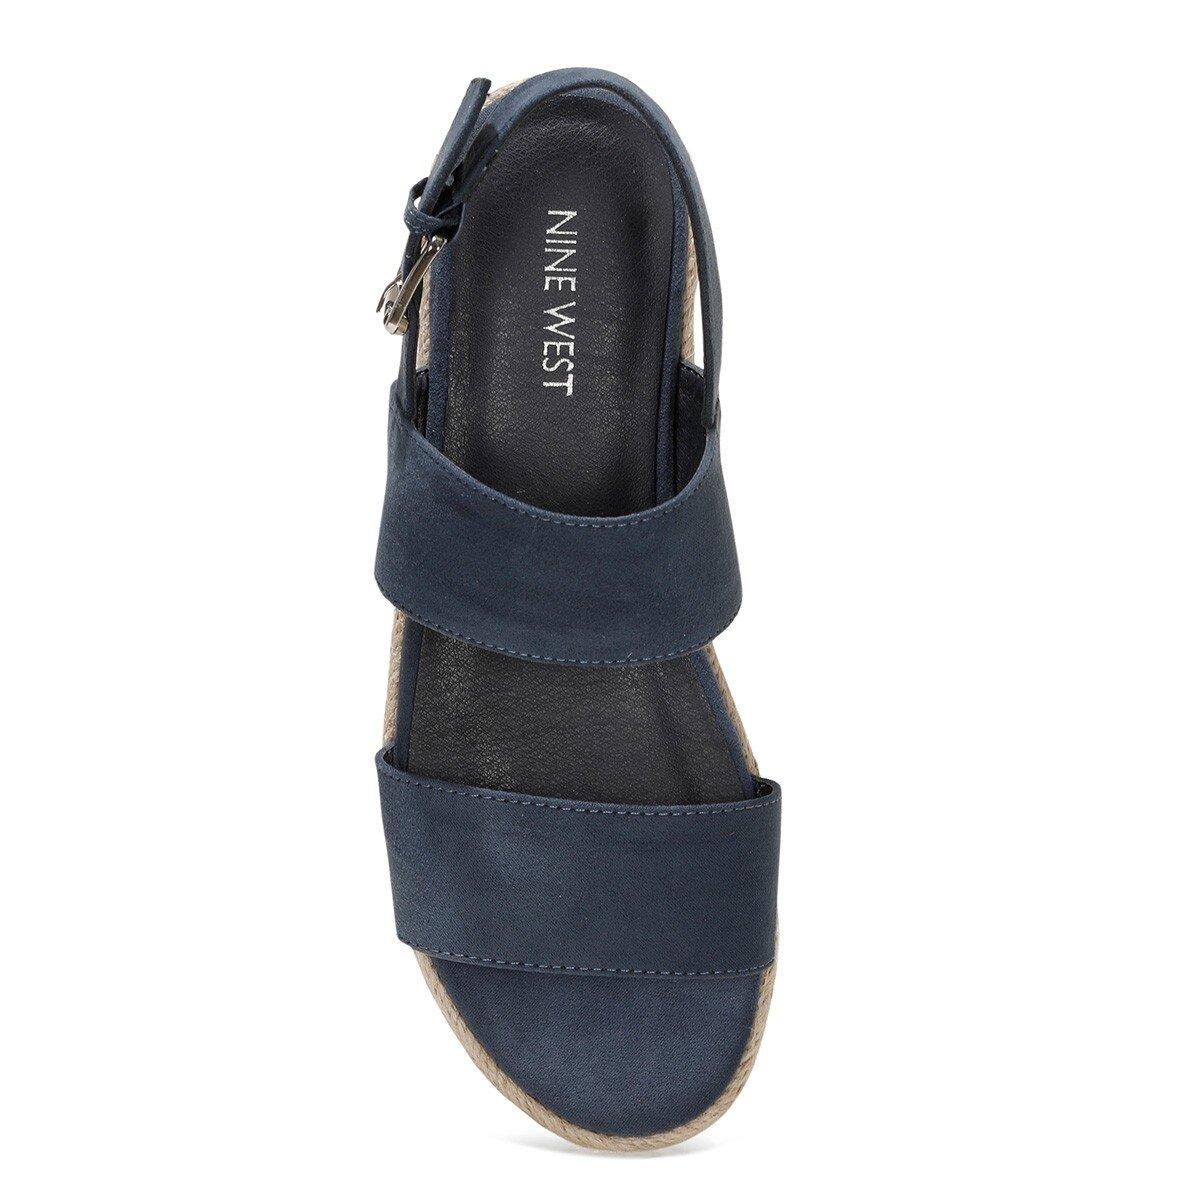 IZZINA 1FX Lacivert Kadın Kalın Taban Sandalet